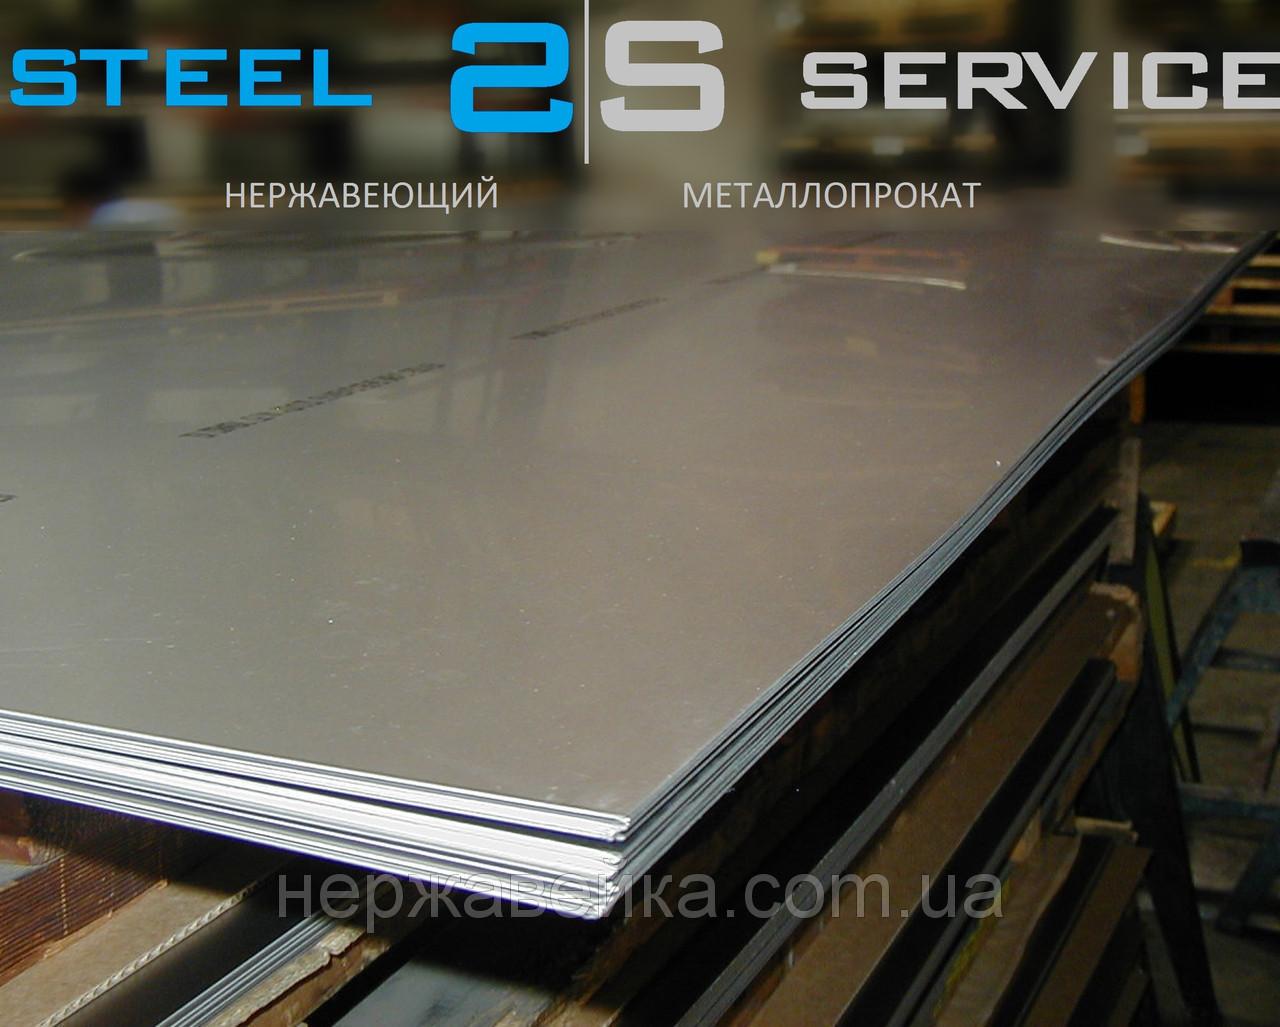 Нержавейка лист 50х1500х6000мм  AISI 321(08Х18Н10Т) F1 - горячекатанный, пищевой